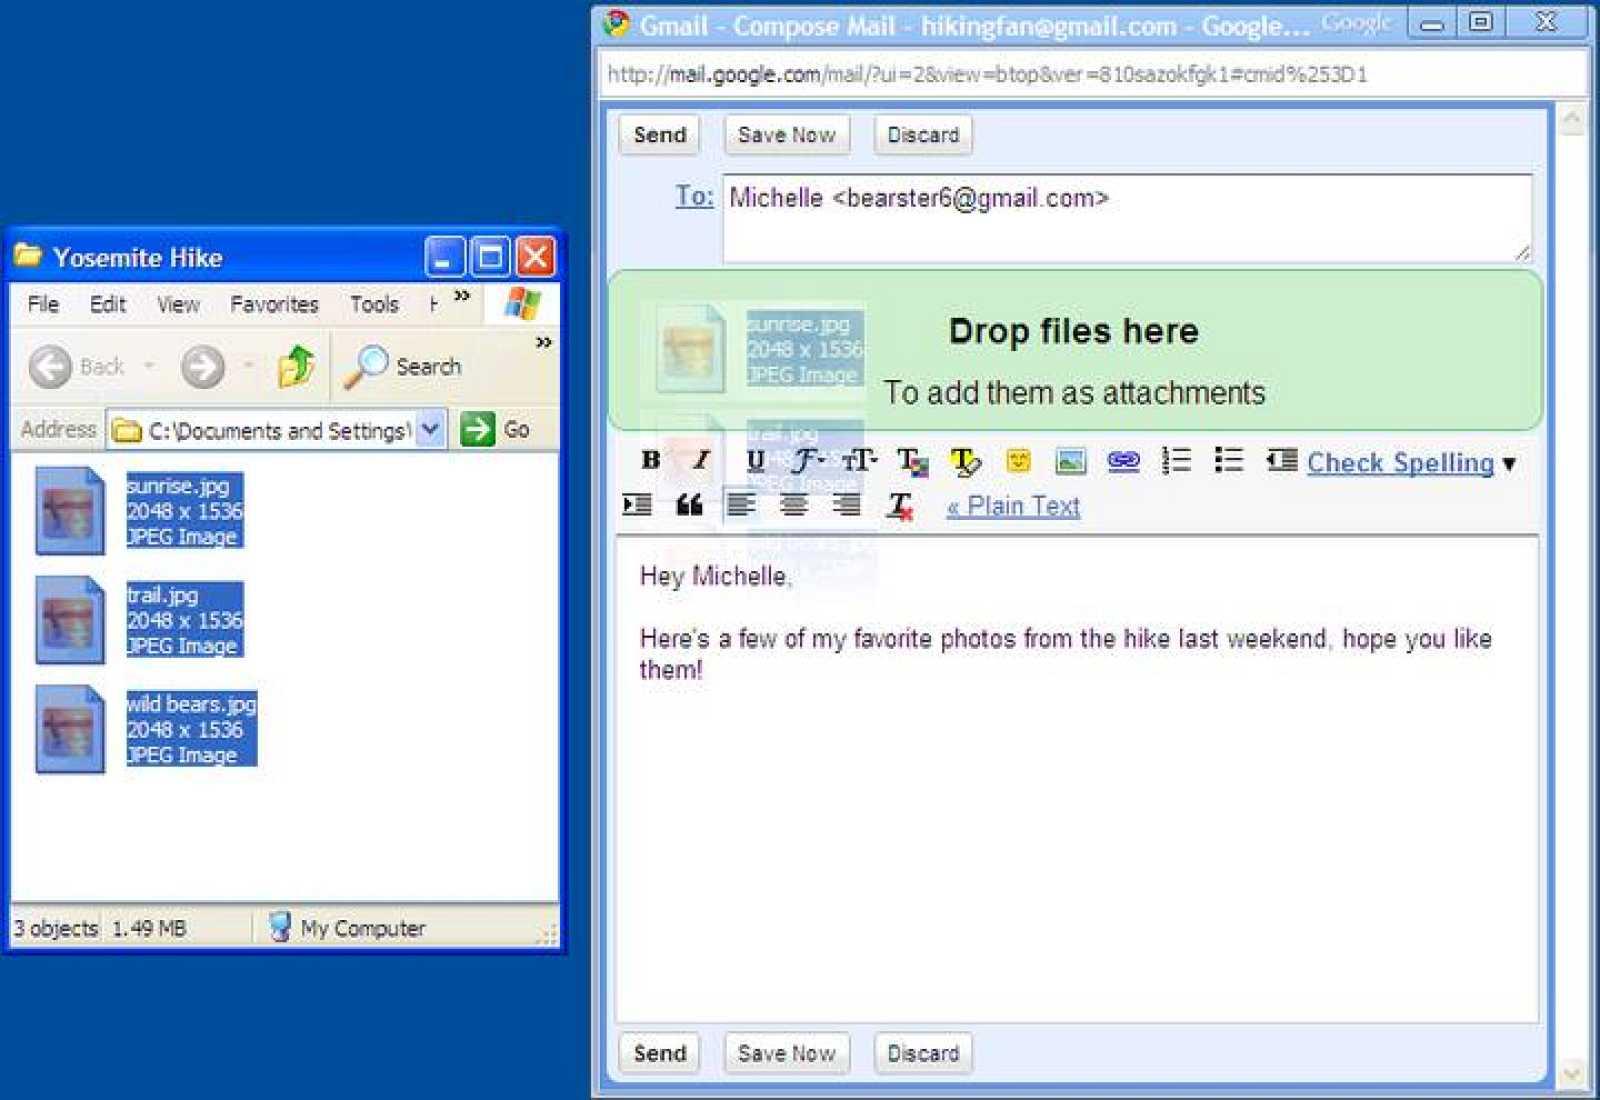 Los archivos pueden incluirse en el correo arrastrándolos al e-mail